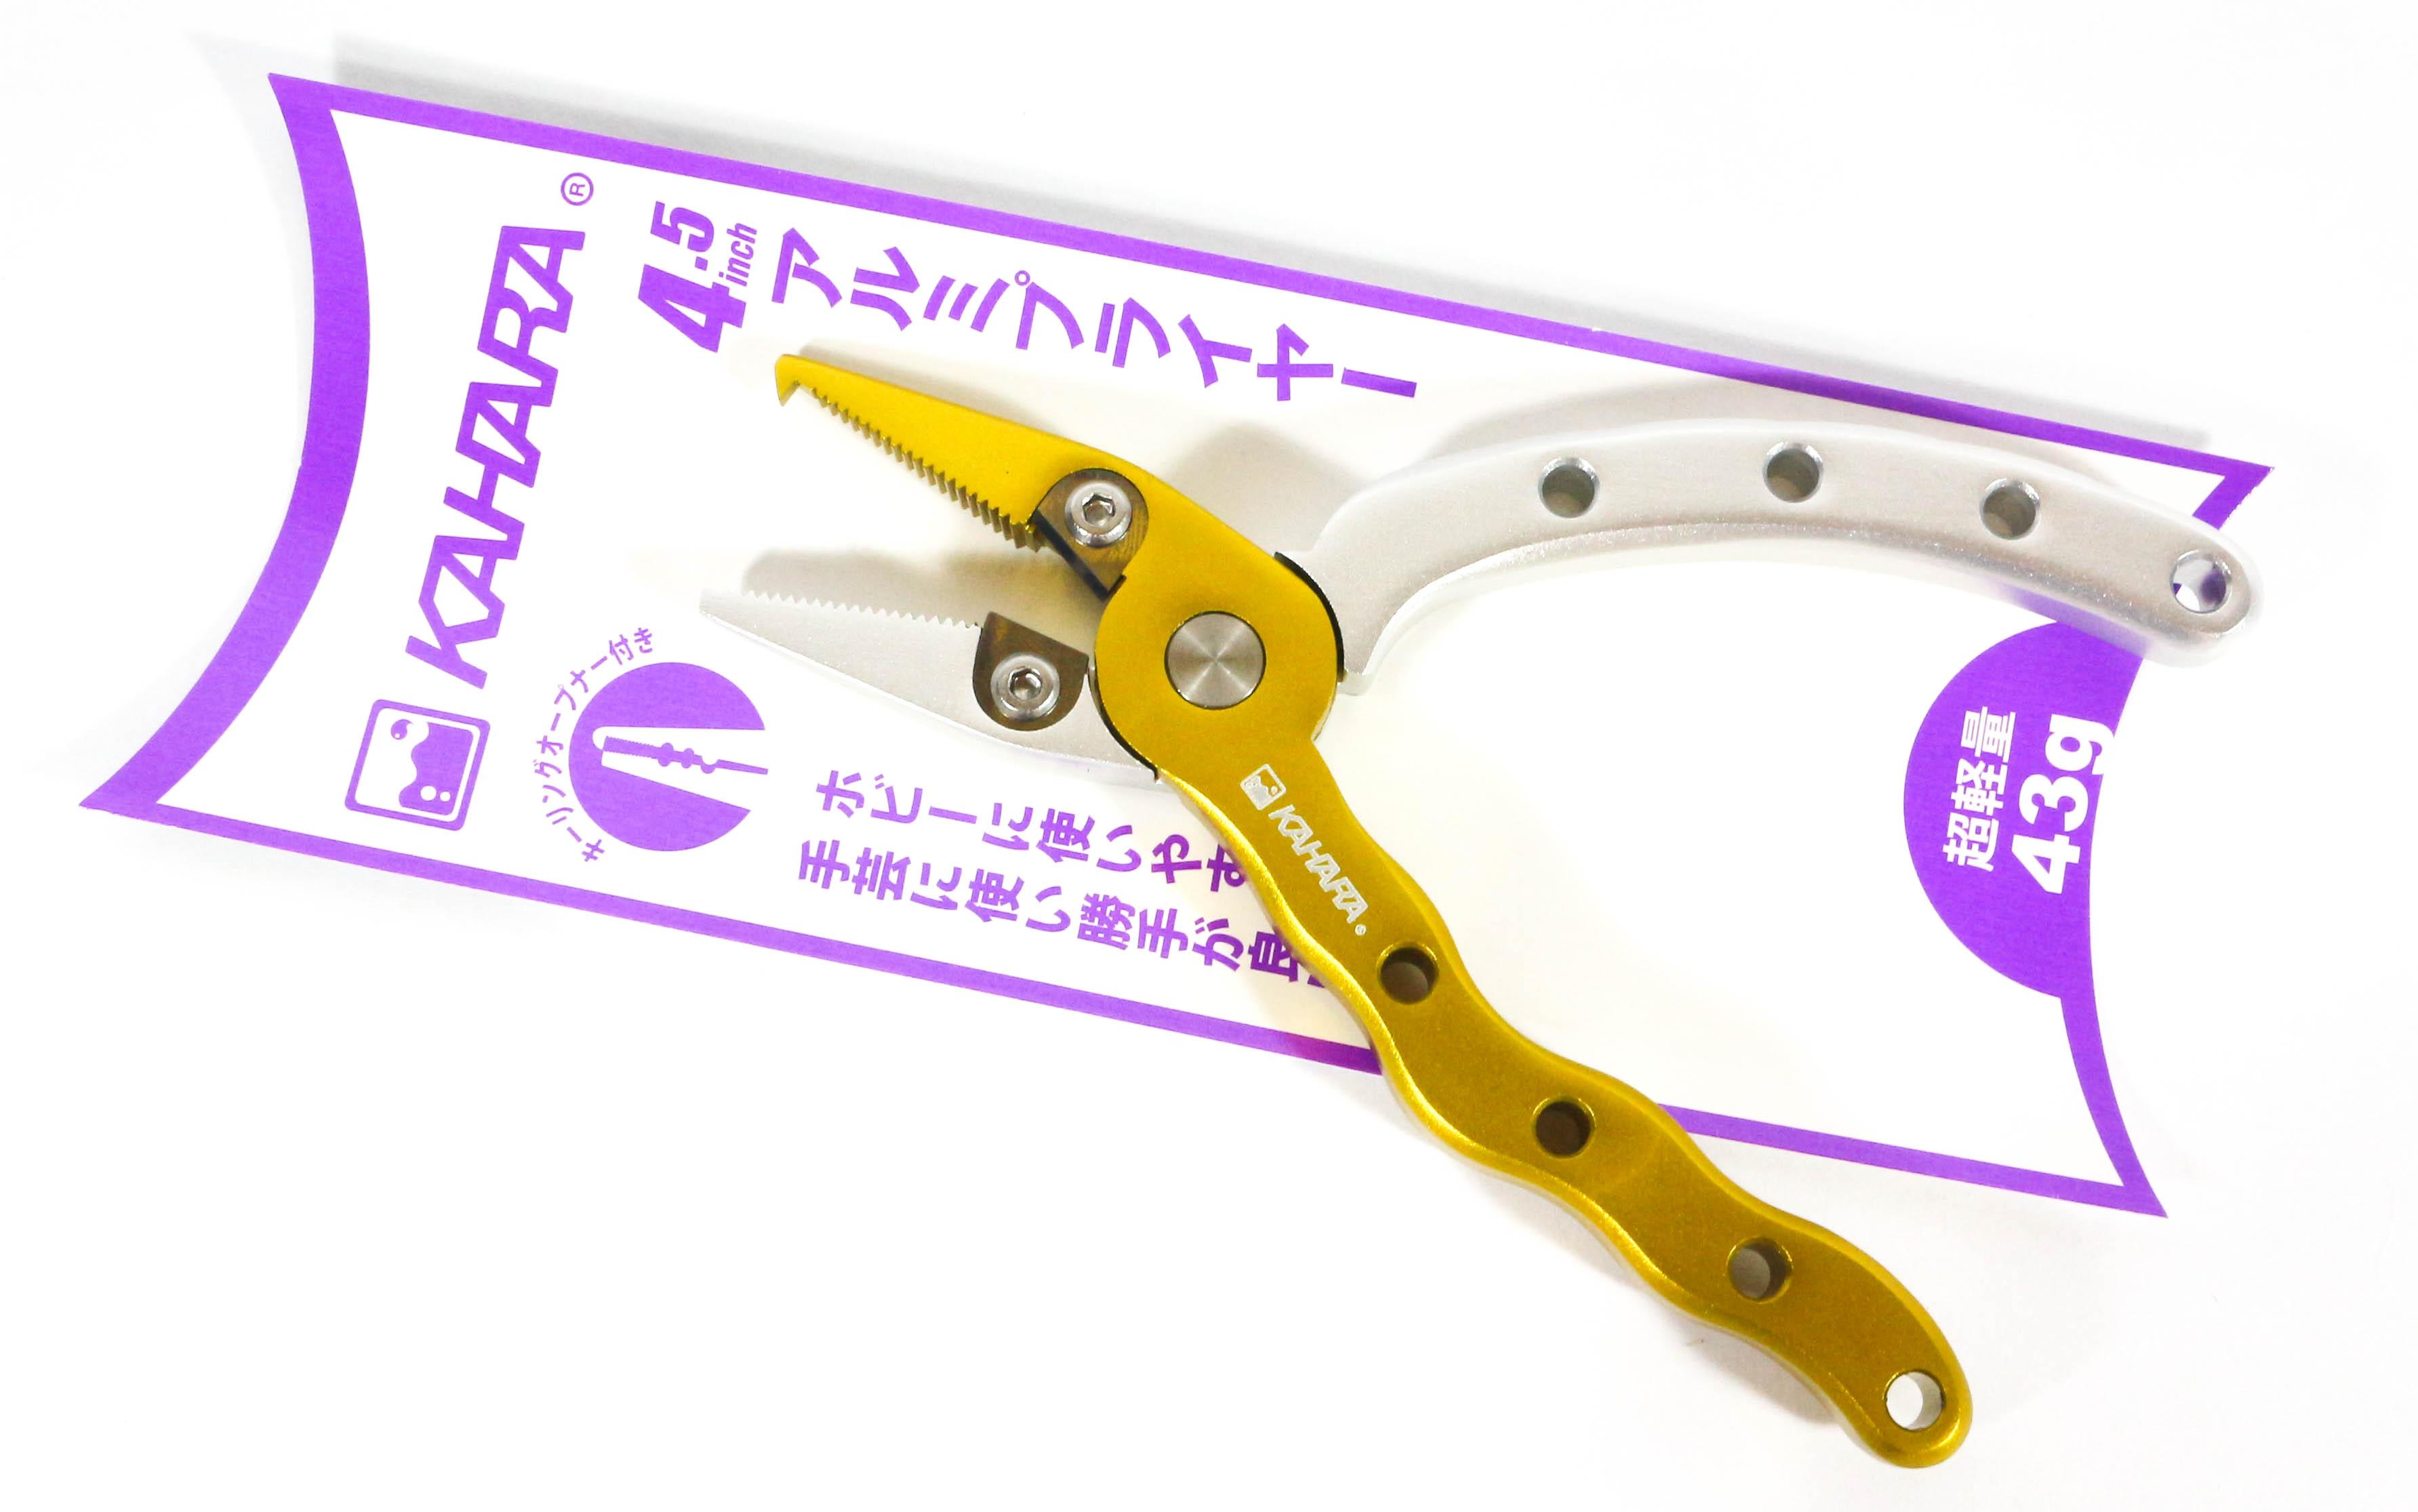 Kahara Aluminum Split Ring Pliers Light Game 43 Grams 4.5 Inch Lemon (7484)